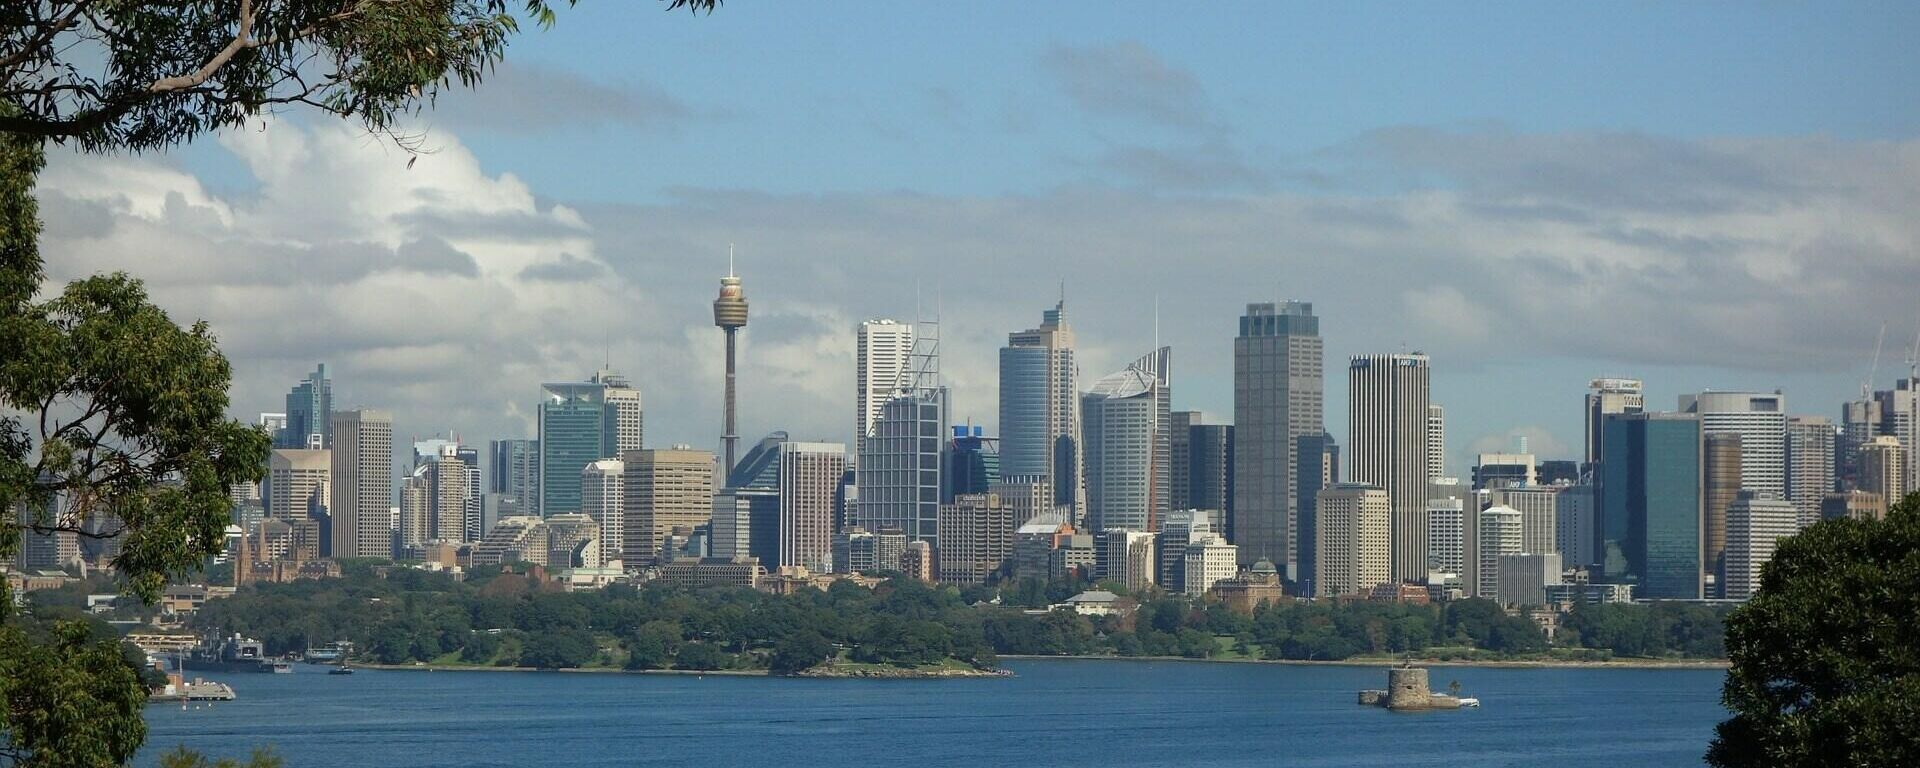 Sydney city - Sputnik International, 1920, 20.09.2021